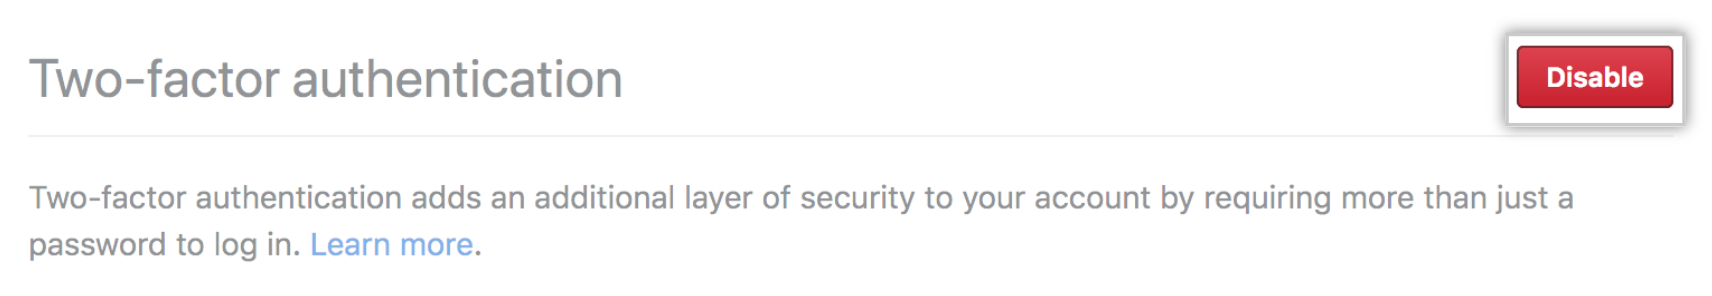 Botão Disable two-factor authentication (Desabilitar autenticação de dois fatores)